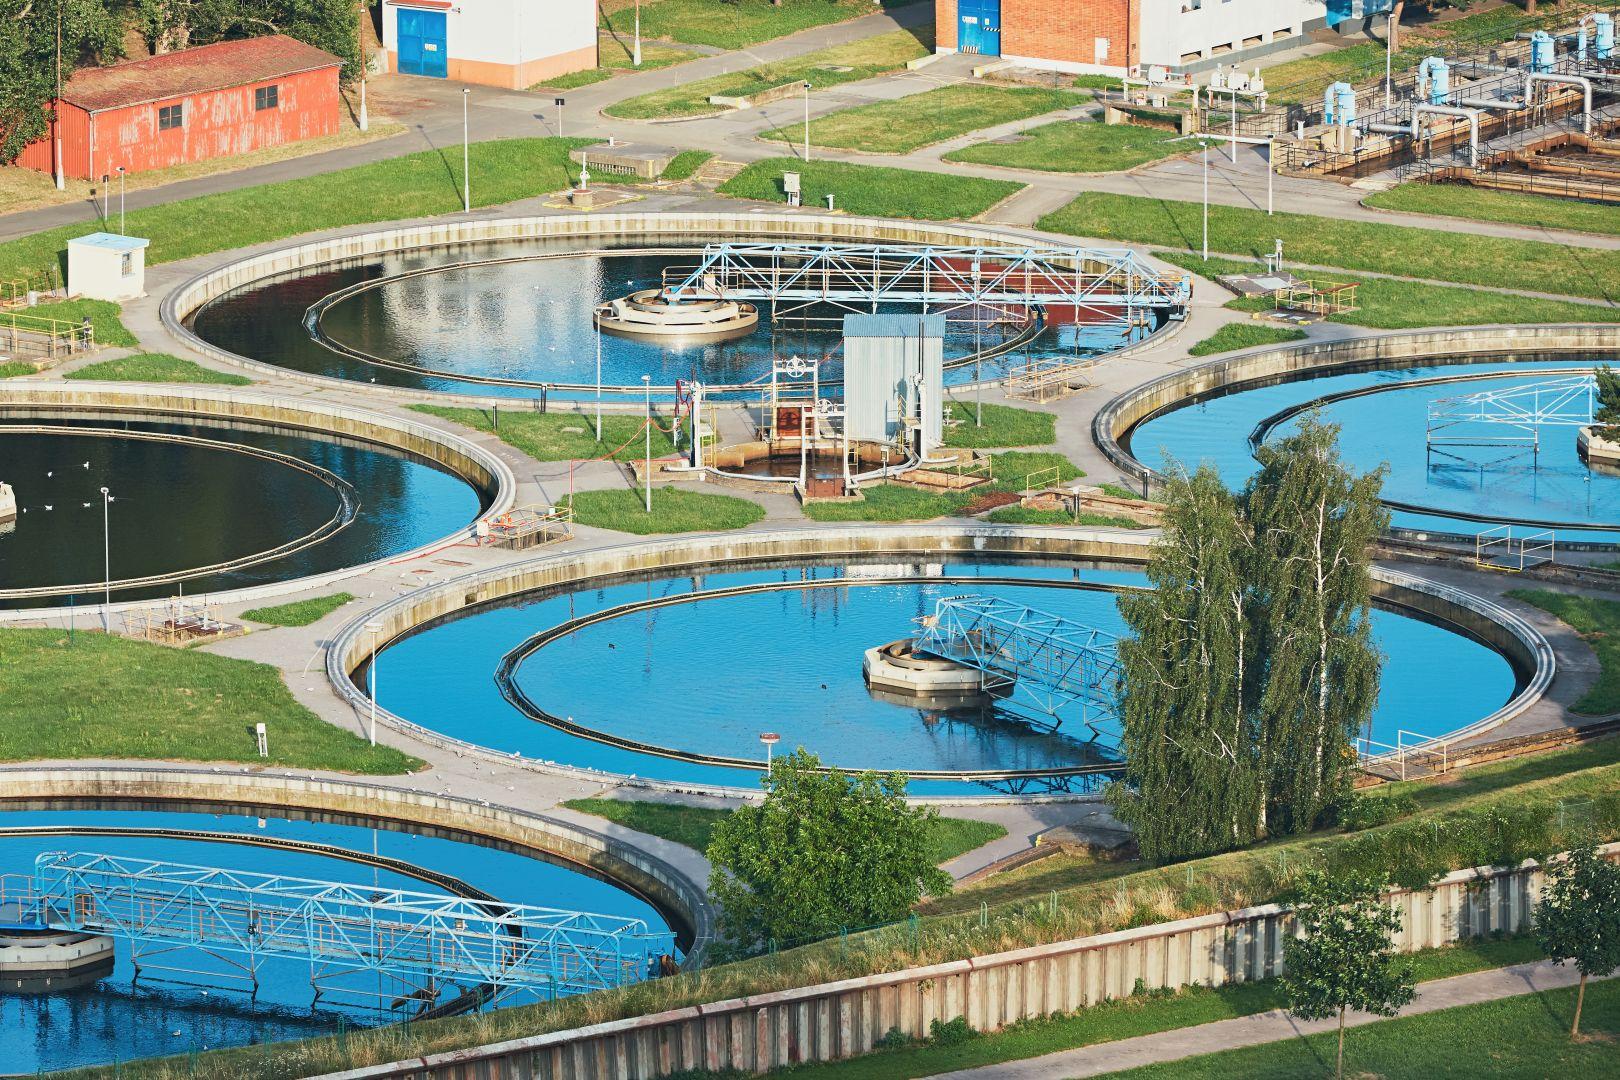 Degussa / Evonik Industries AG